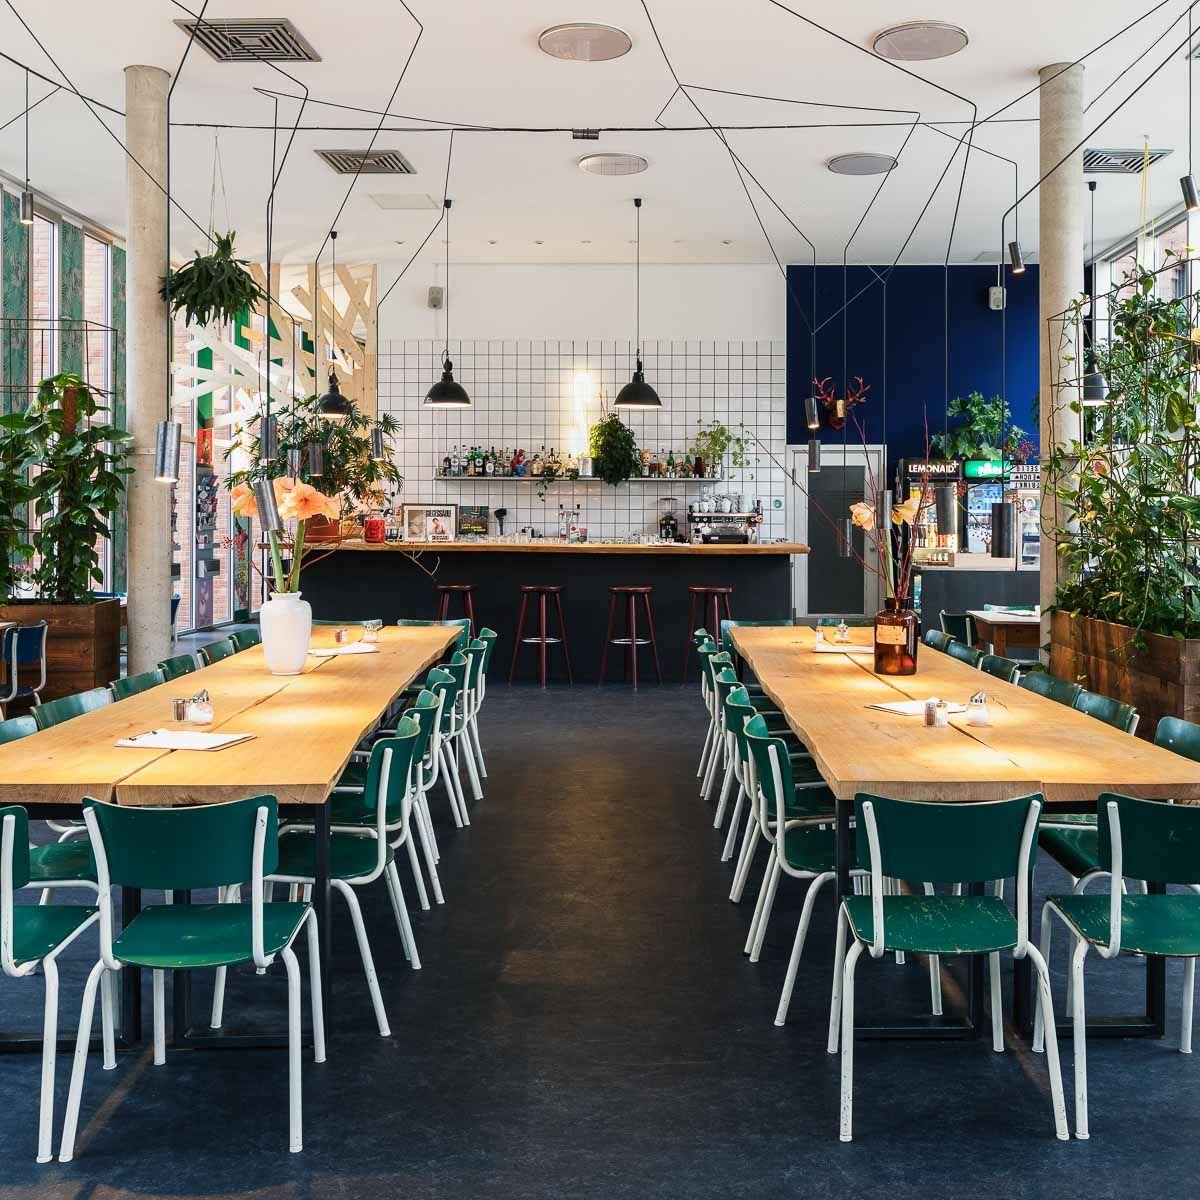 Selig Himmlische Kuche Am Herrfurthplatz Restaurant Deutsche Kuche Berlin Cafe Restaurant